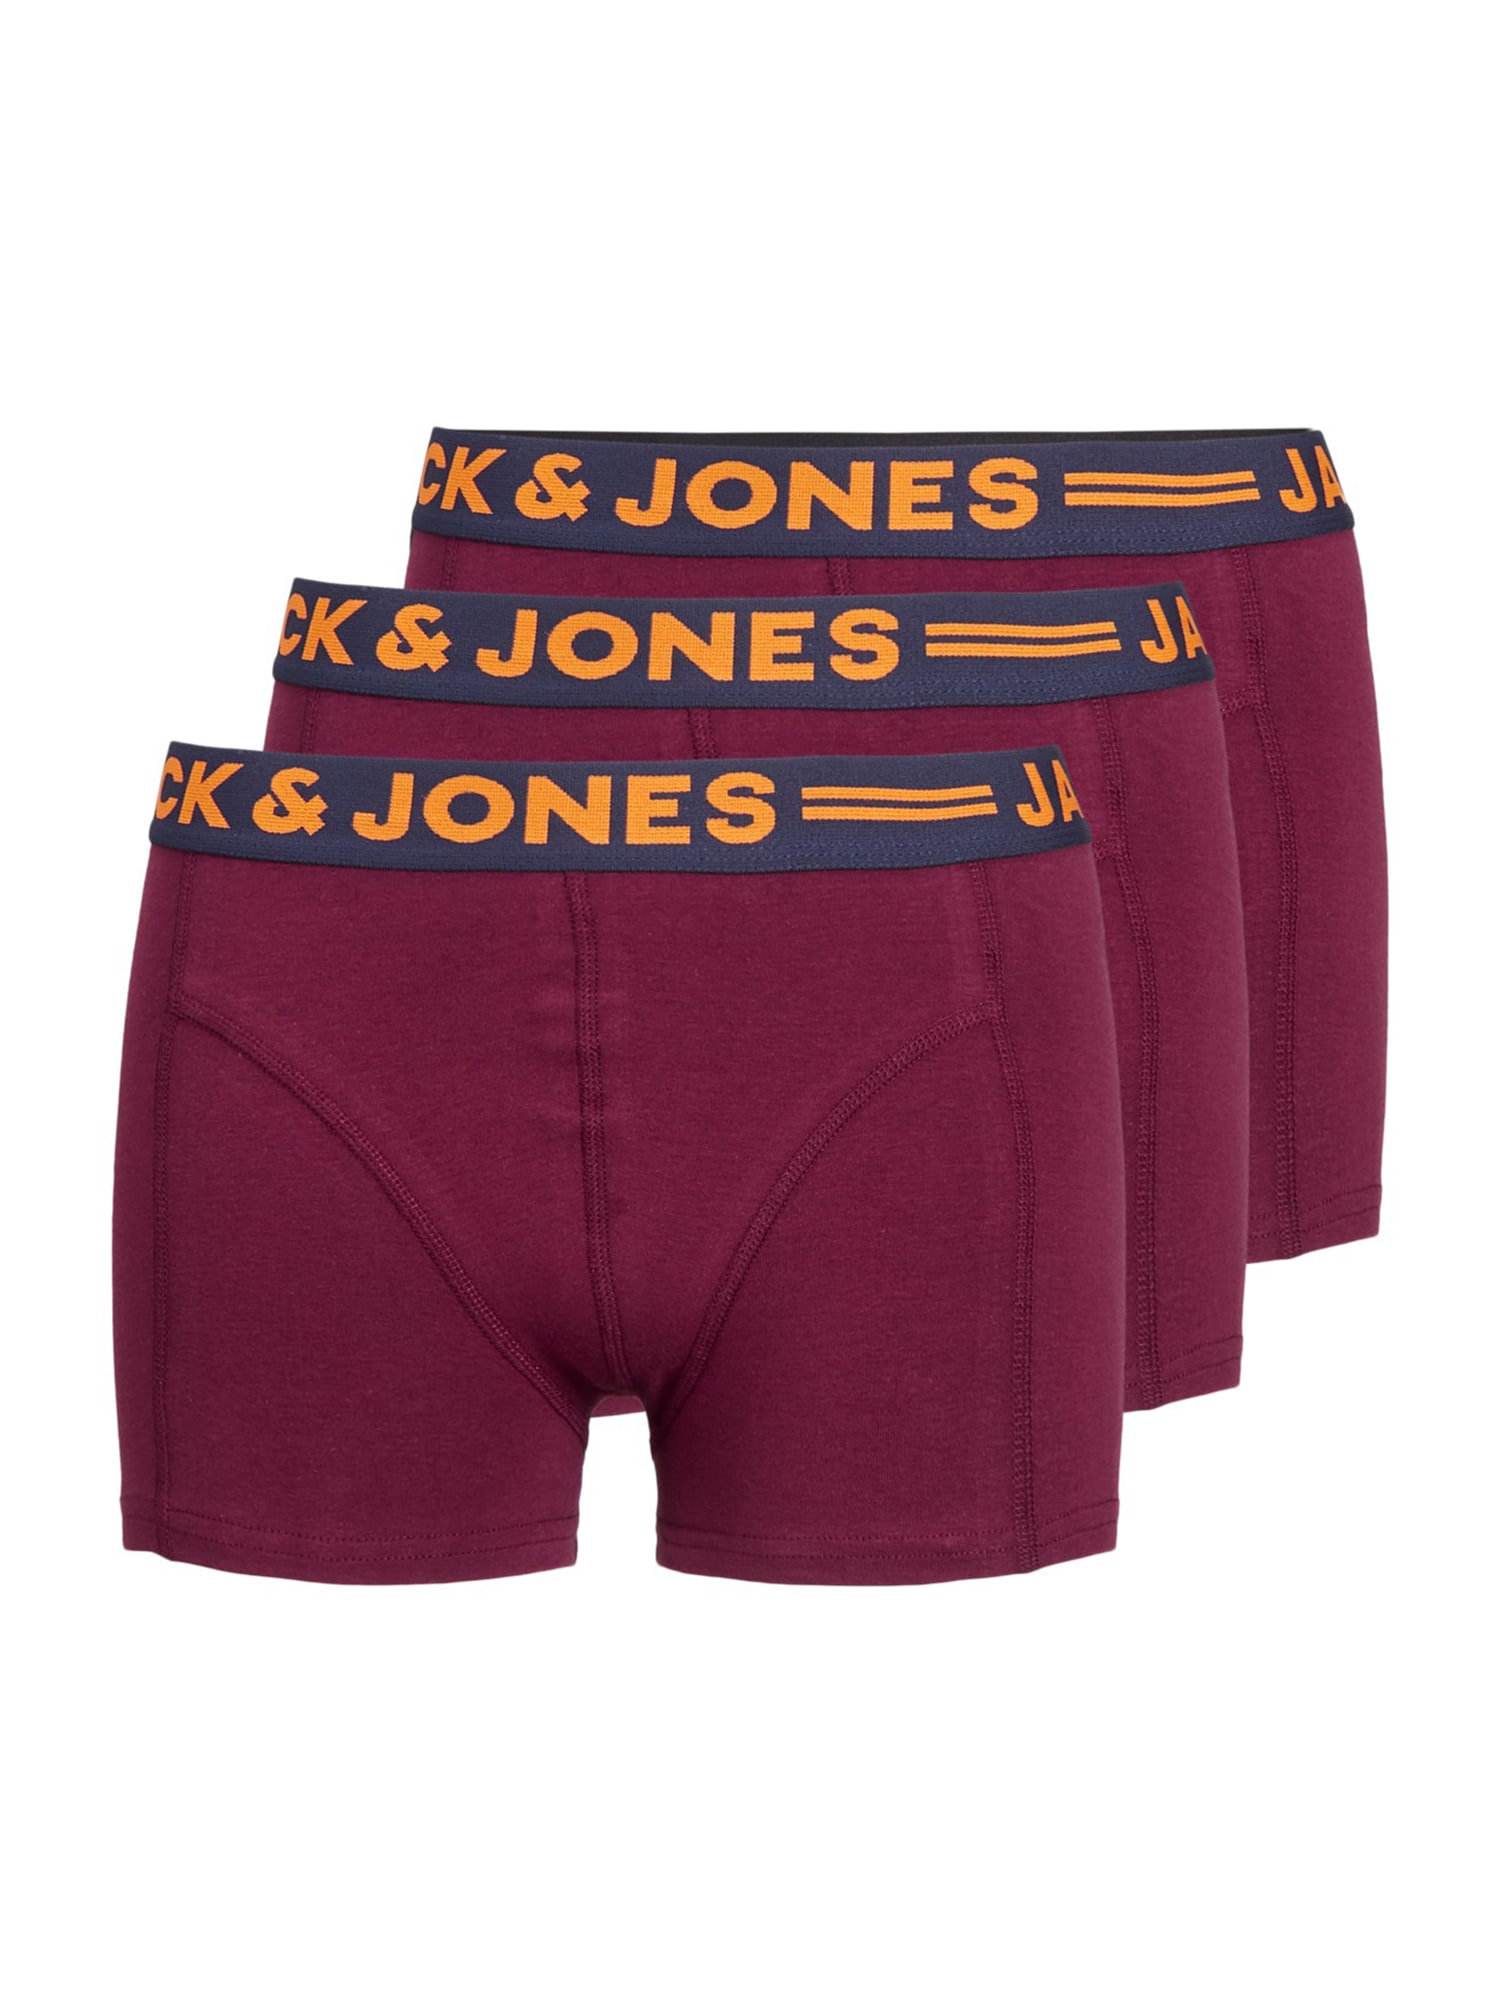 Spodní prádlo LICHFIELD burgundská červeň Jack & Jones Junior